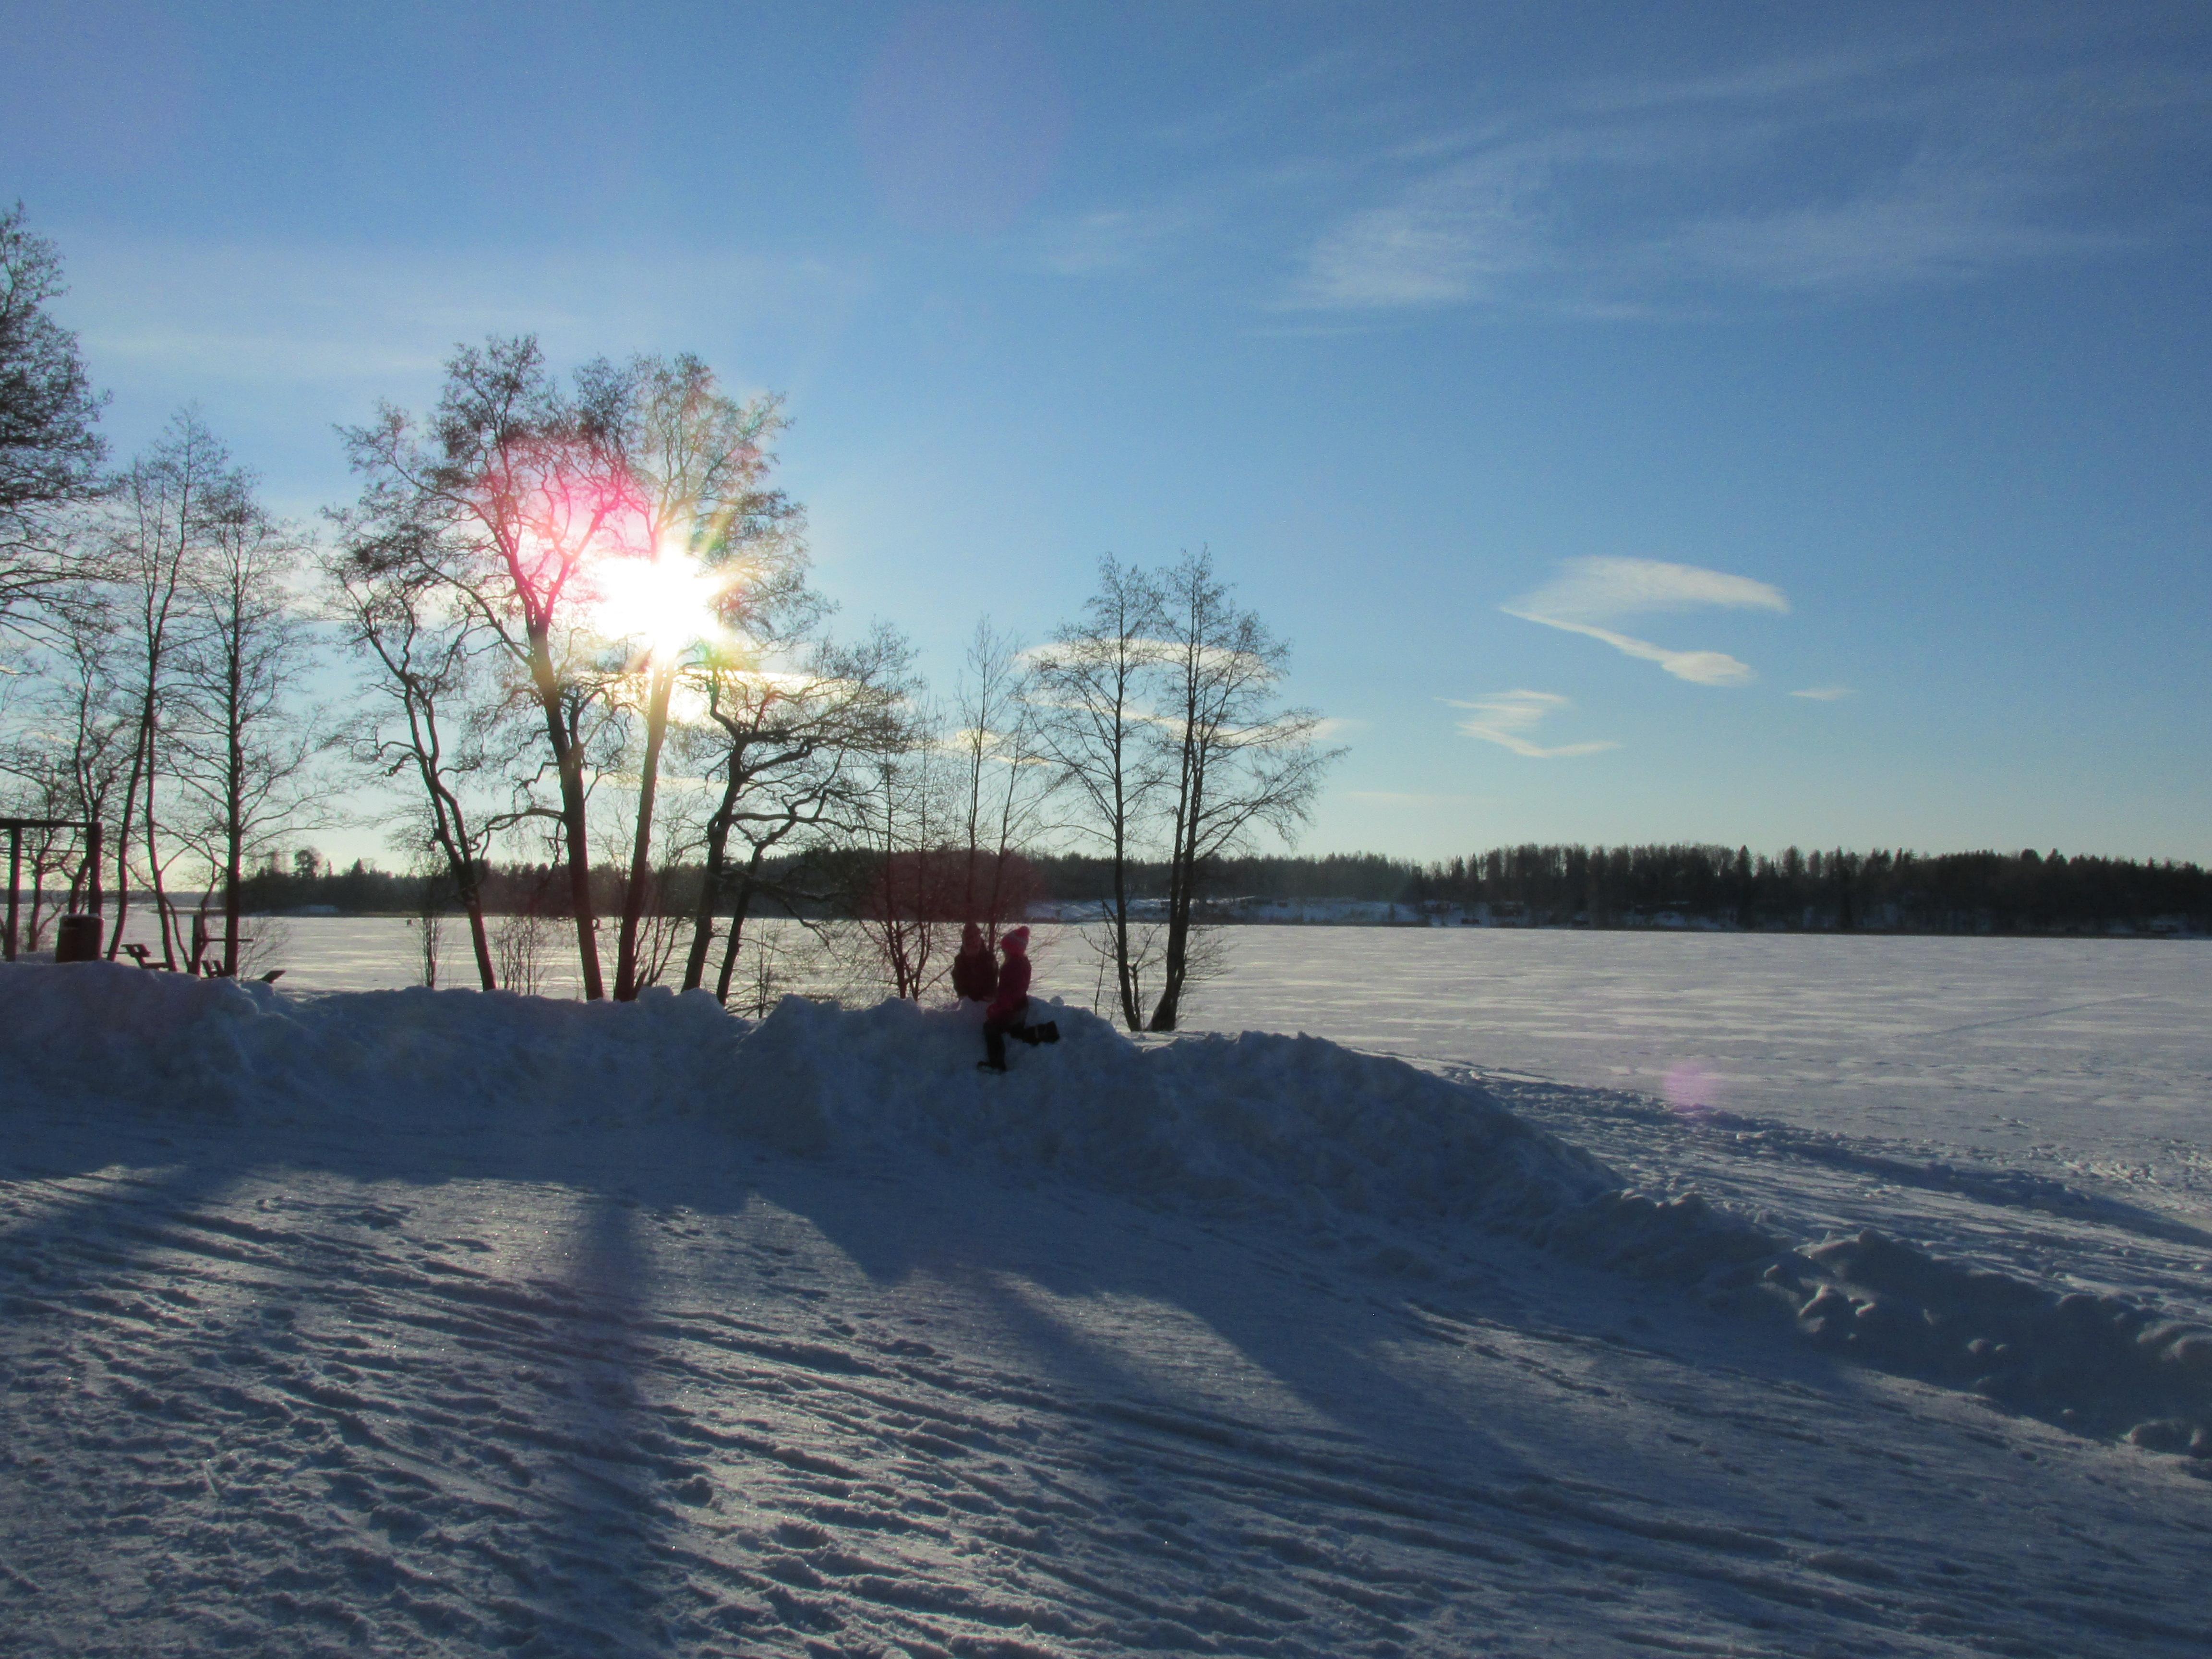 Nimi: Talvinen rantamaisema, Kuvaaja: T. Kaltiomaa